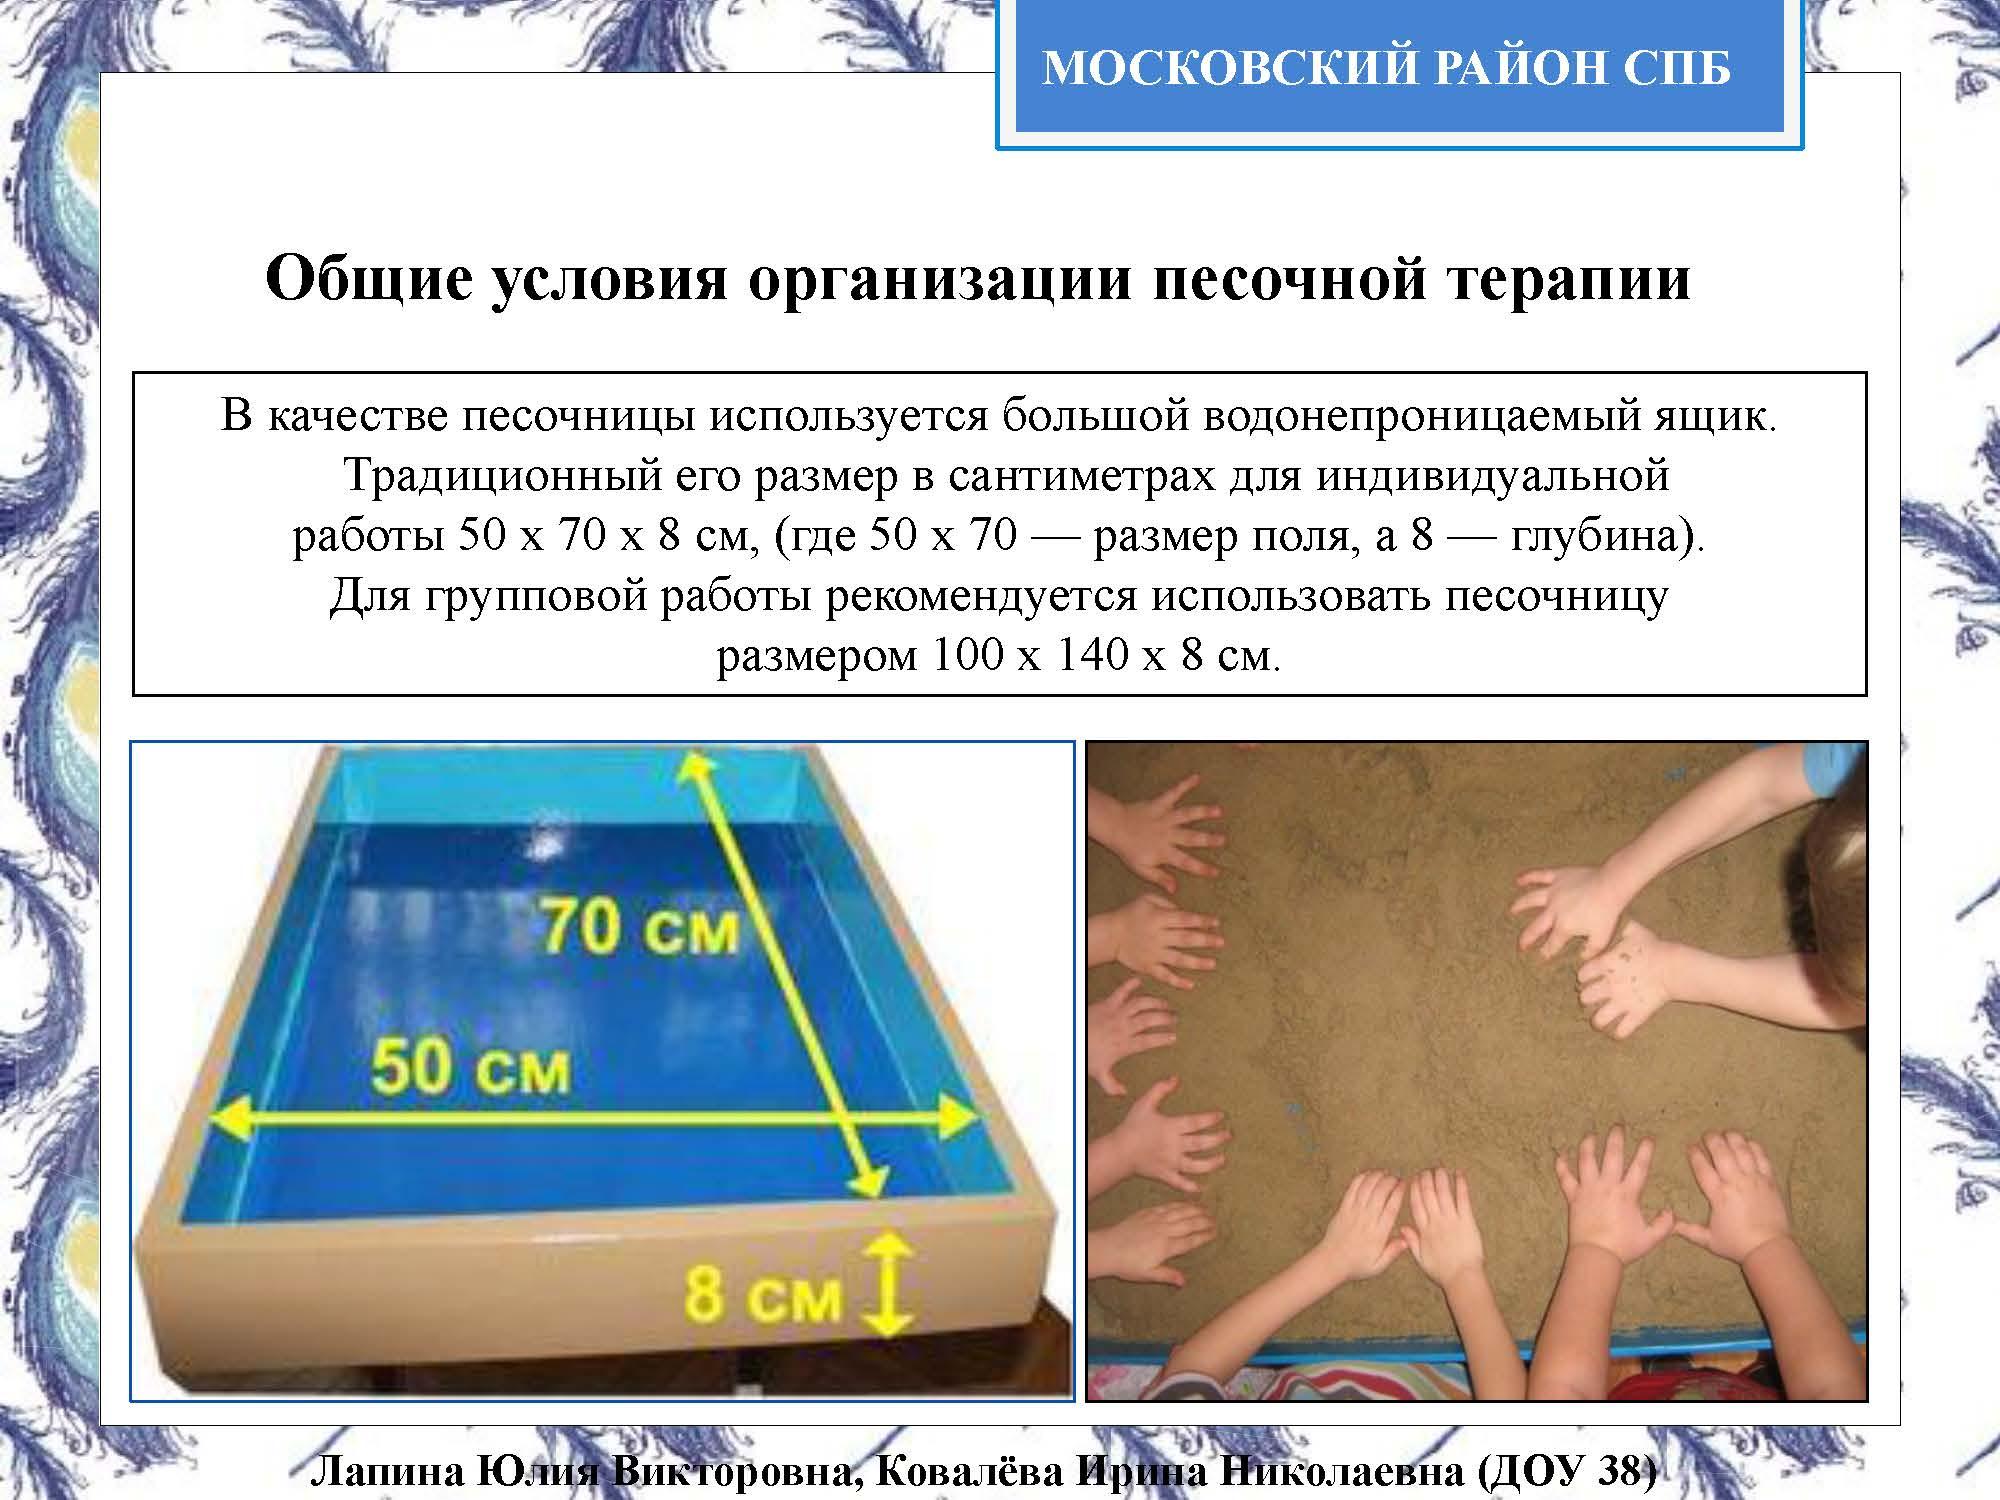 Секция 8. ДОУ 38, Московский район_Страница_09